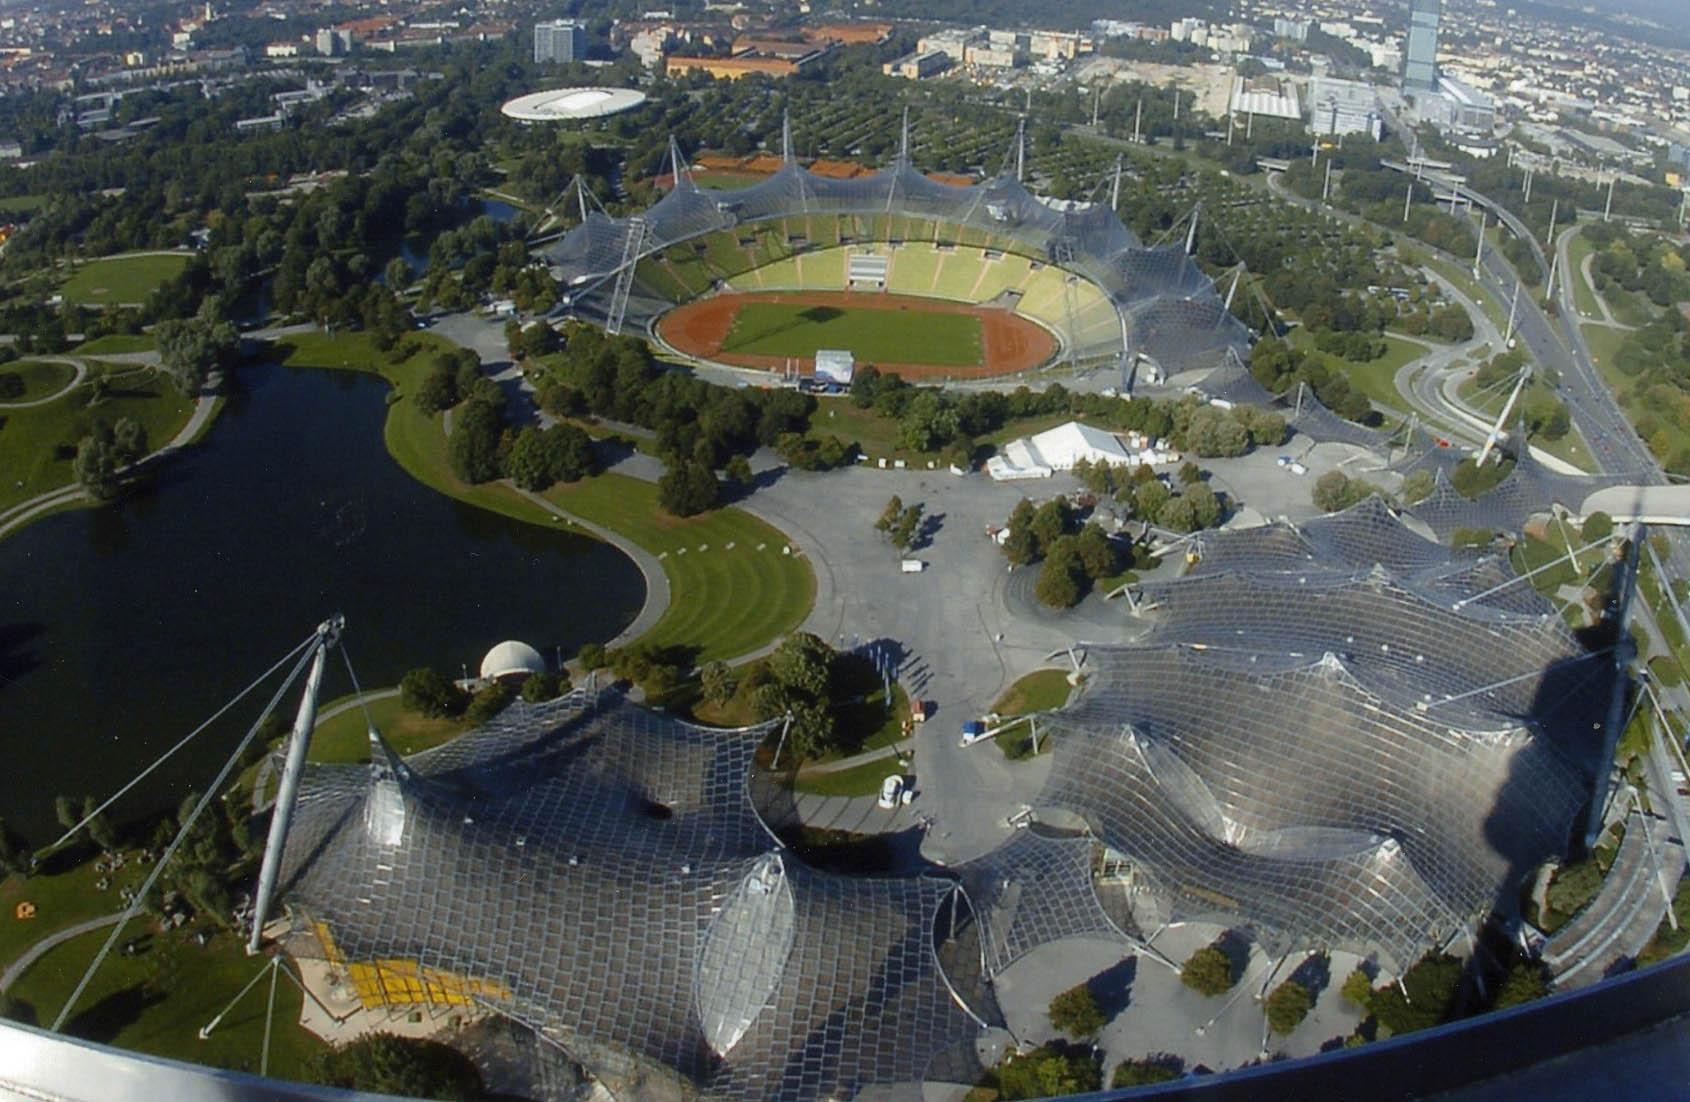 Parque Olympiapark de Múnich, en Baviera